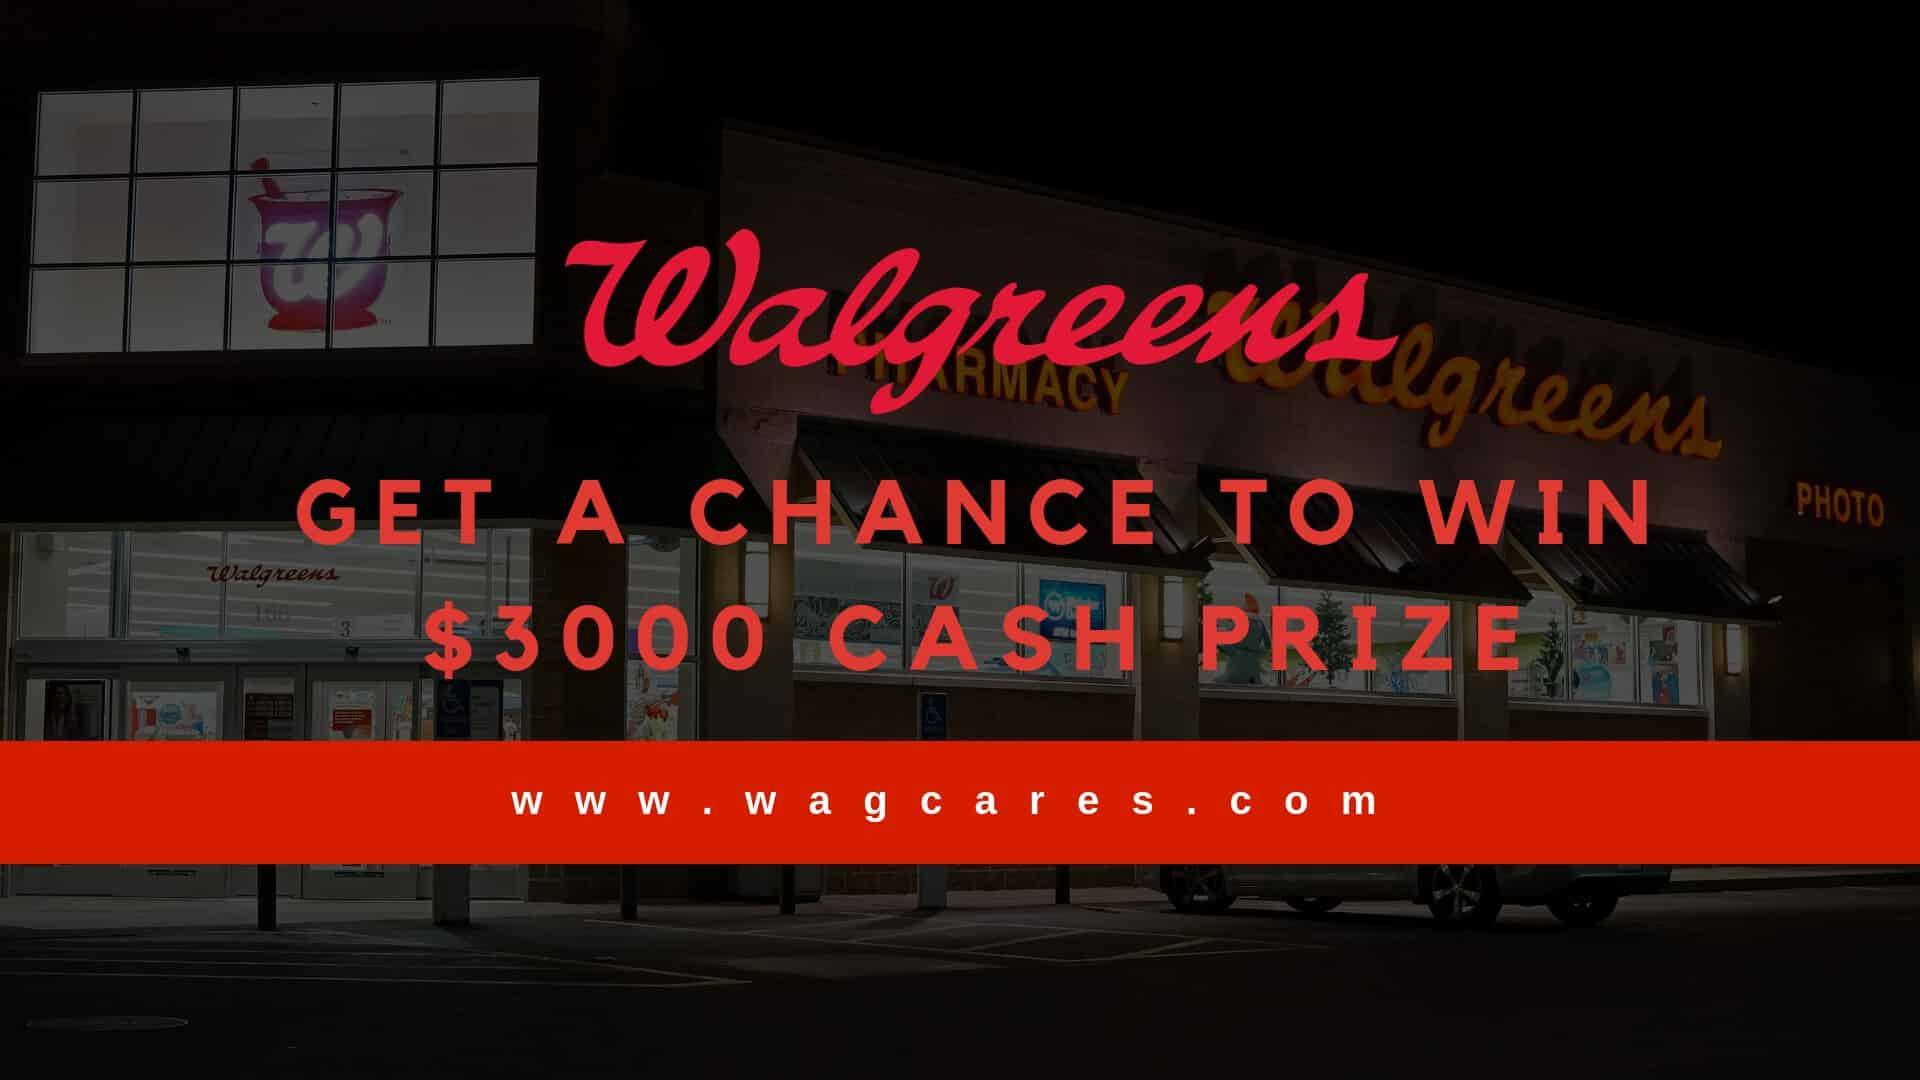 www.wagcares.com